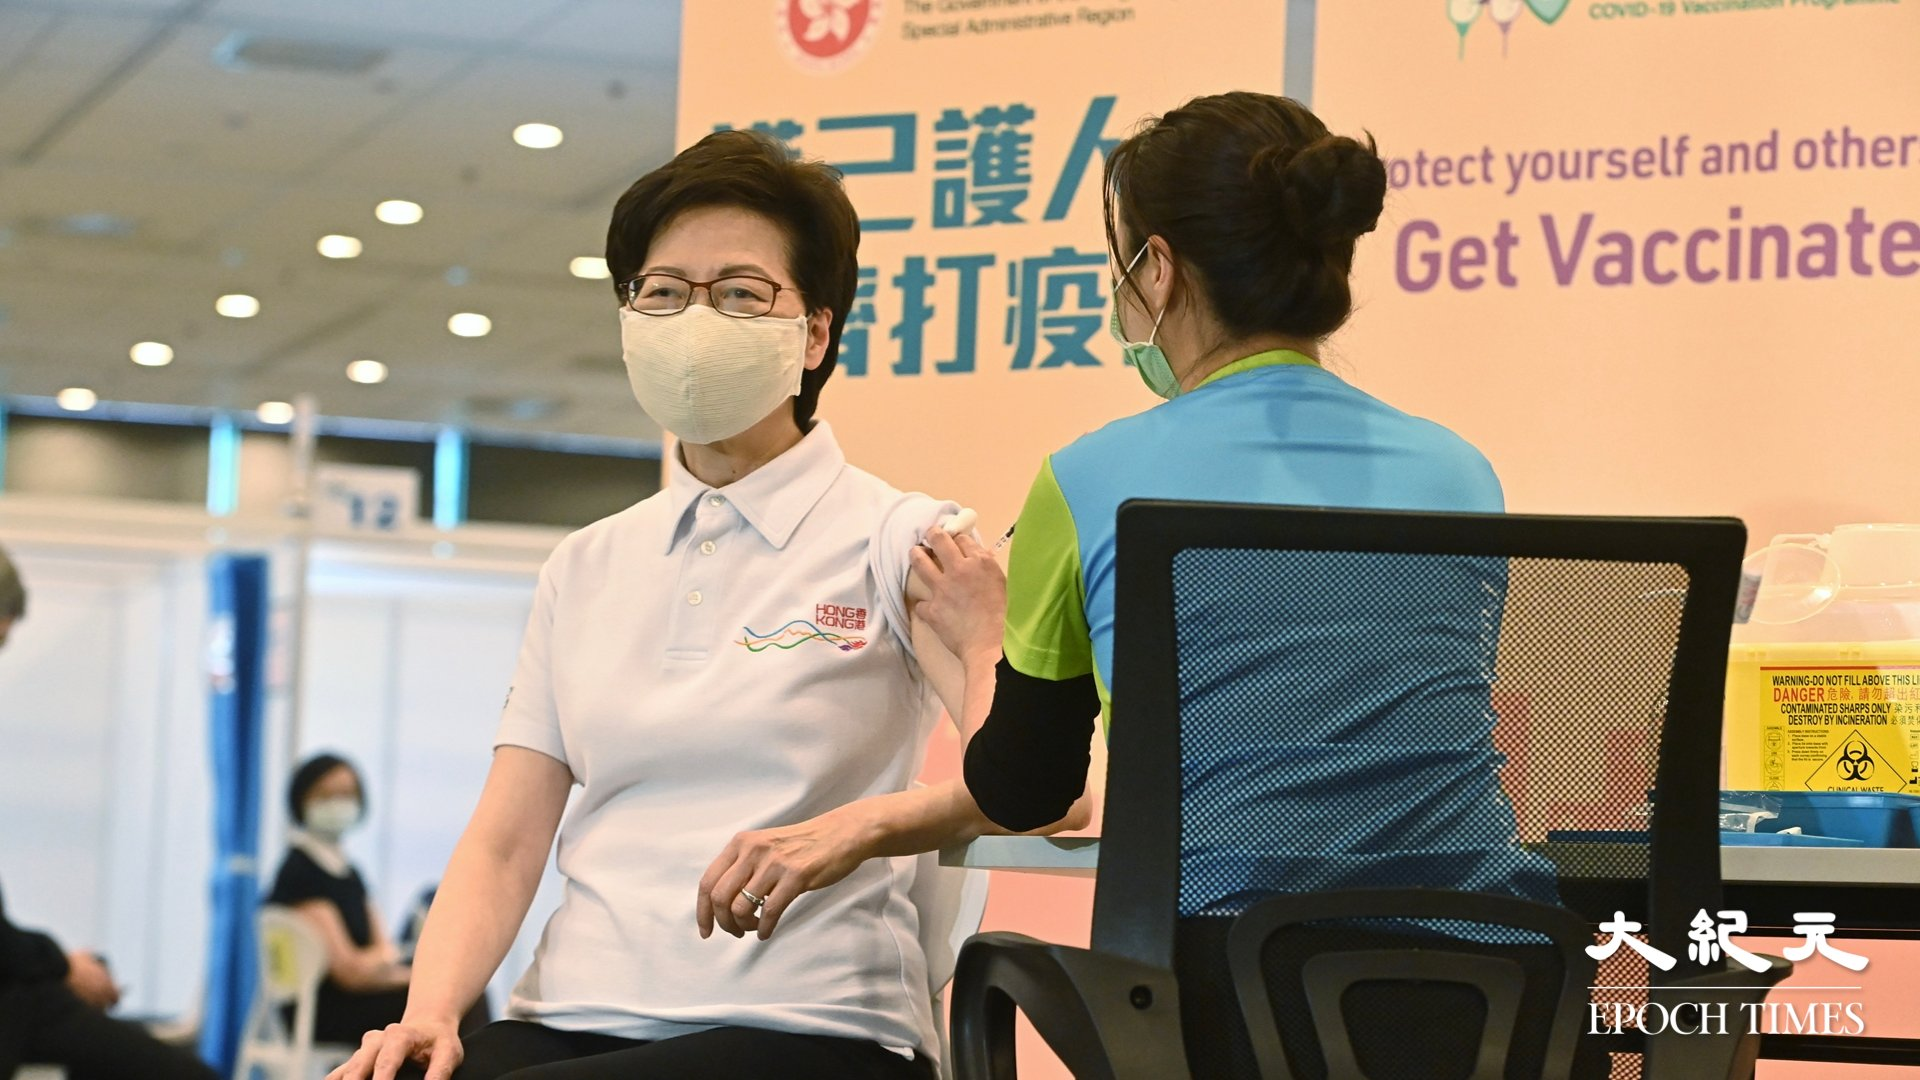 特首林鄭月娥2月22日下午接種科興疫苗。(宋碧龍/大紀元)